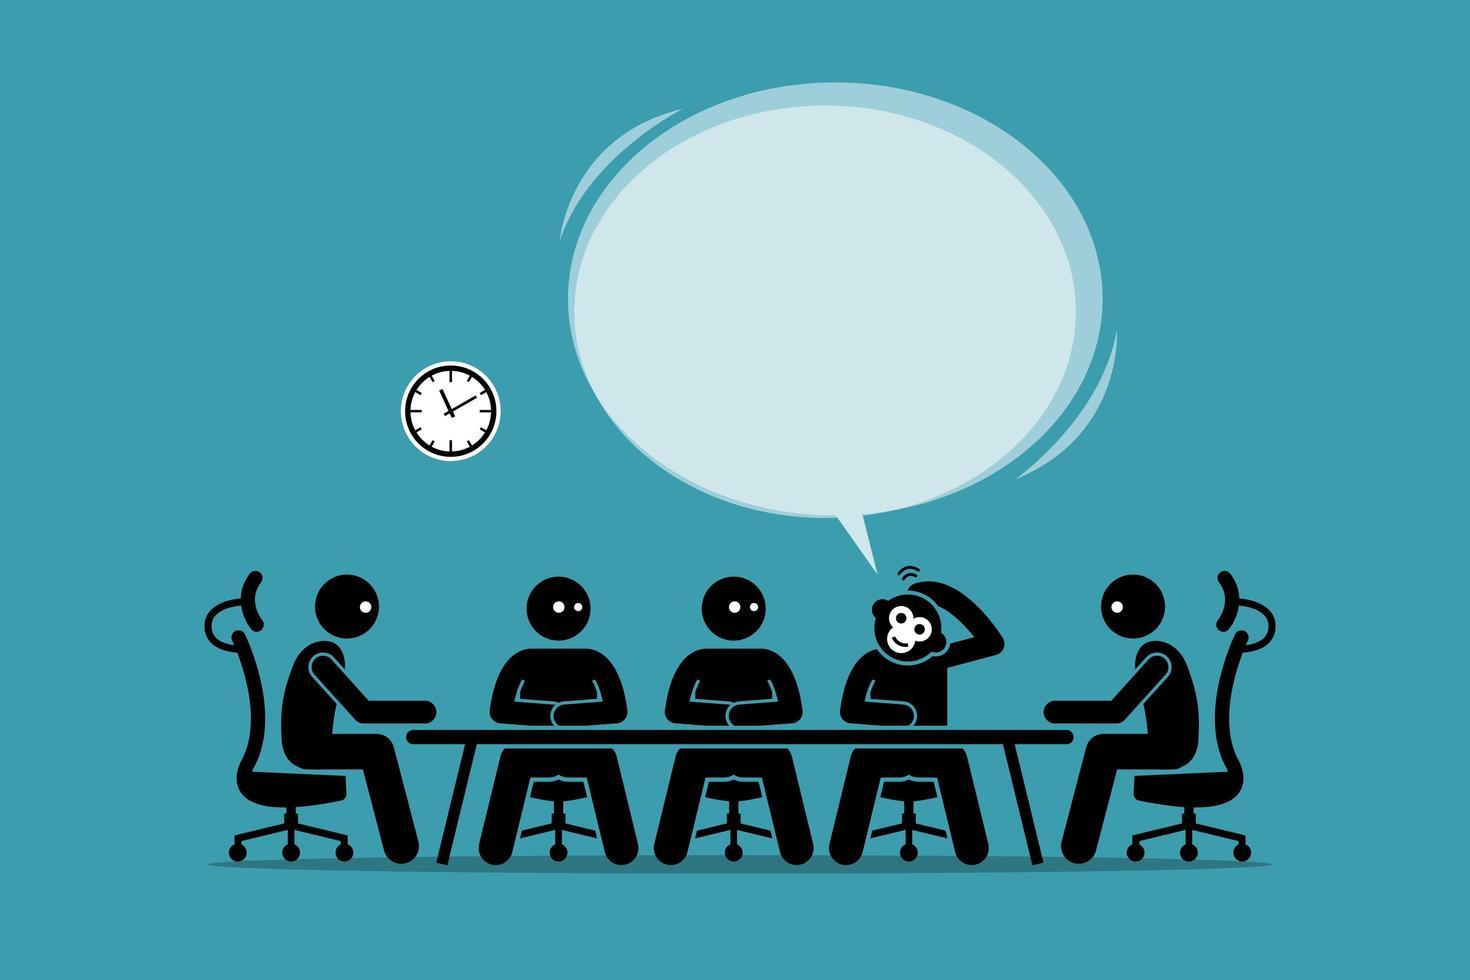 empresário macaco engraçado falando e sugerindo sua ideia em uma reunião de negócios com seres humanos. vetor